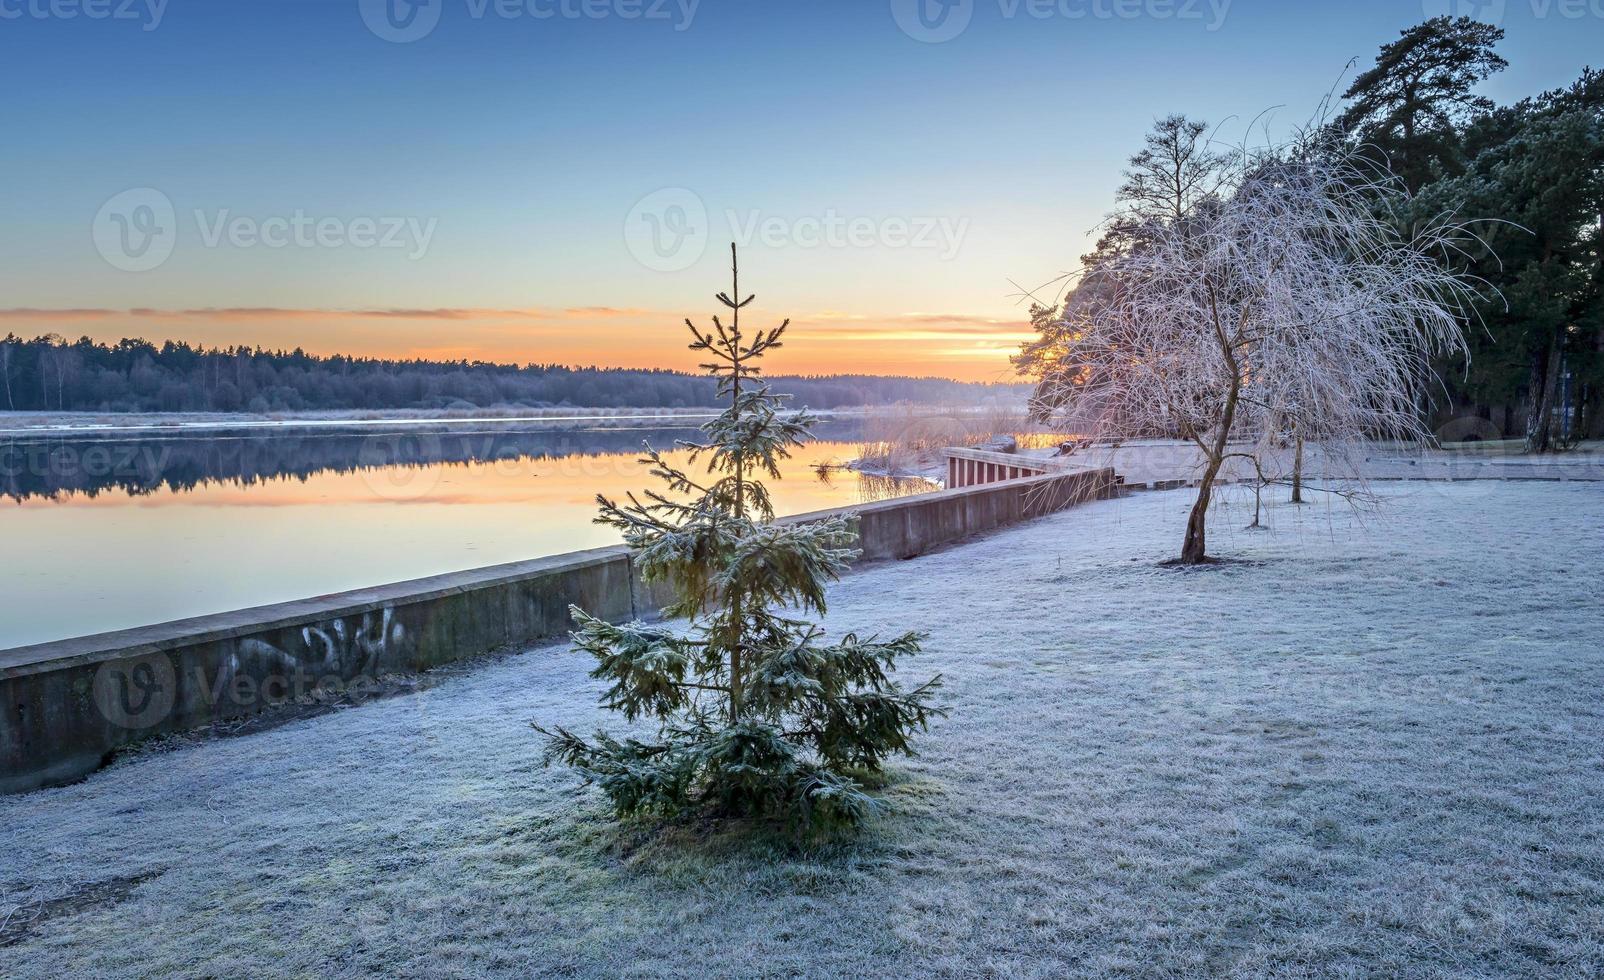 paisagem ribeirinha colorida ao nascer do sol foto